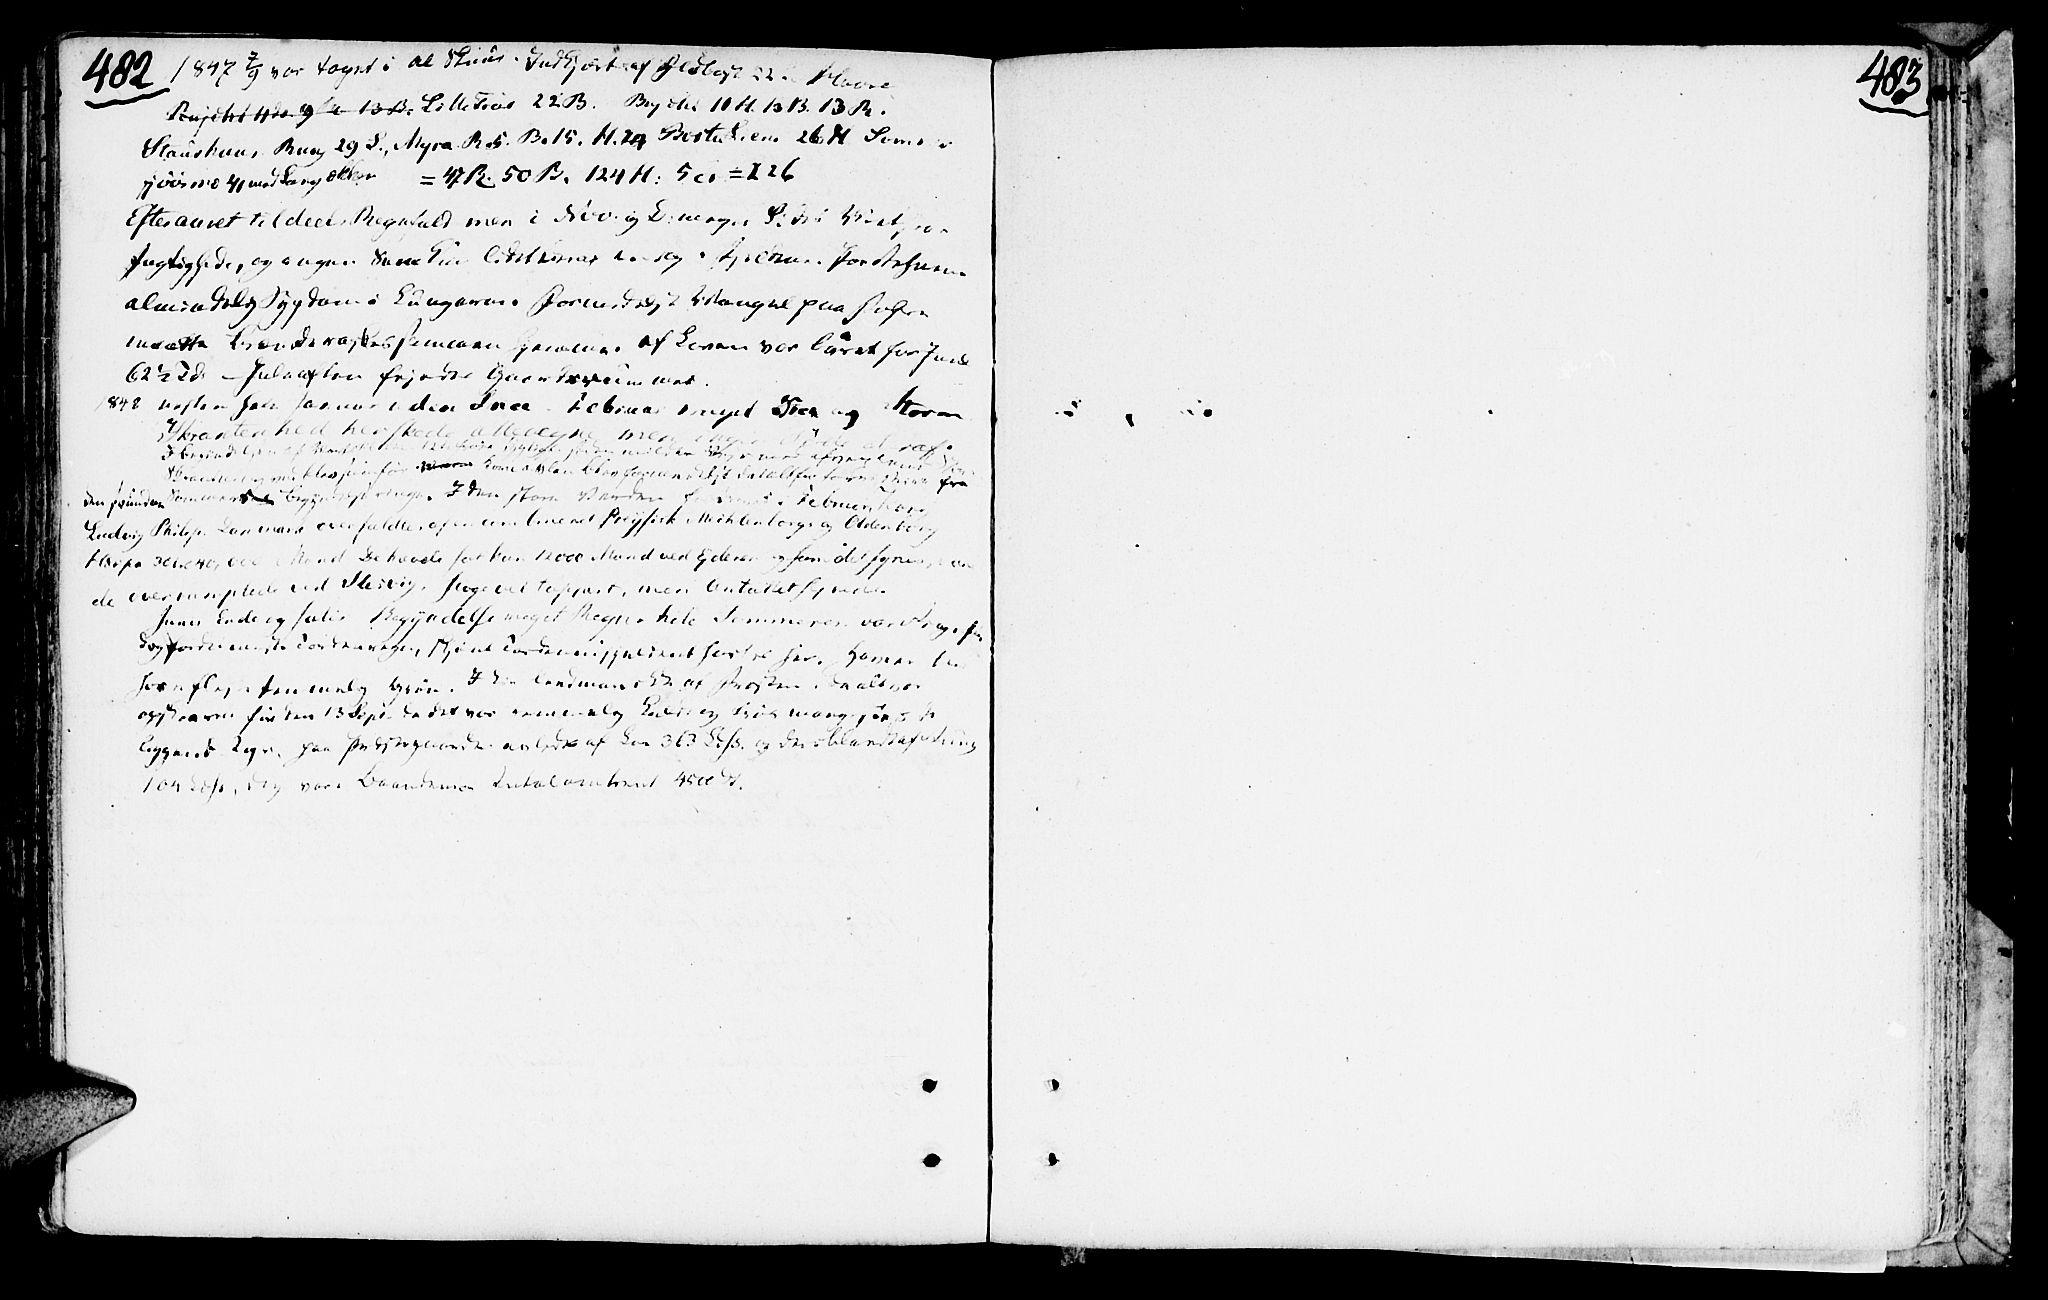 SAT, Ministerialprotokoller, klokkerbøker og fødselsregistre - Nord-Trøndelag, 749/L0468: Ministerialbok nr. 749A02, 1787-1817, s. 482-483